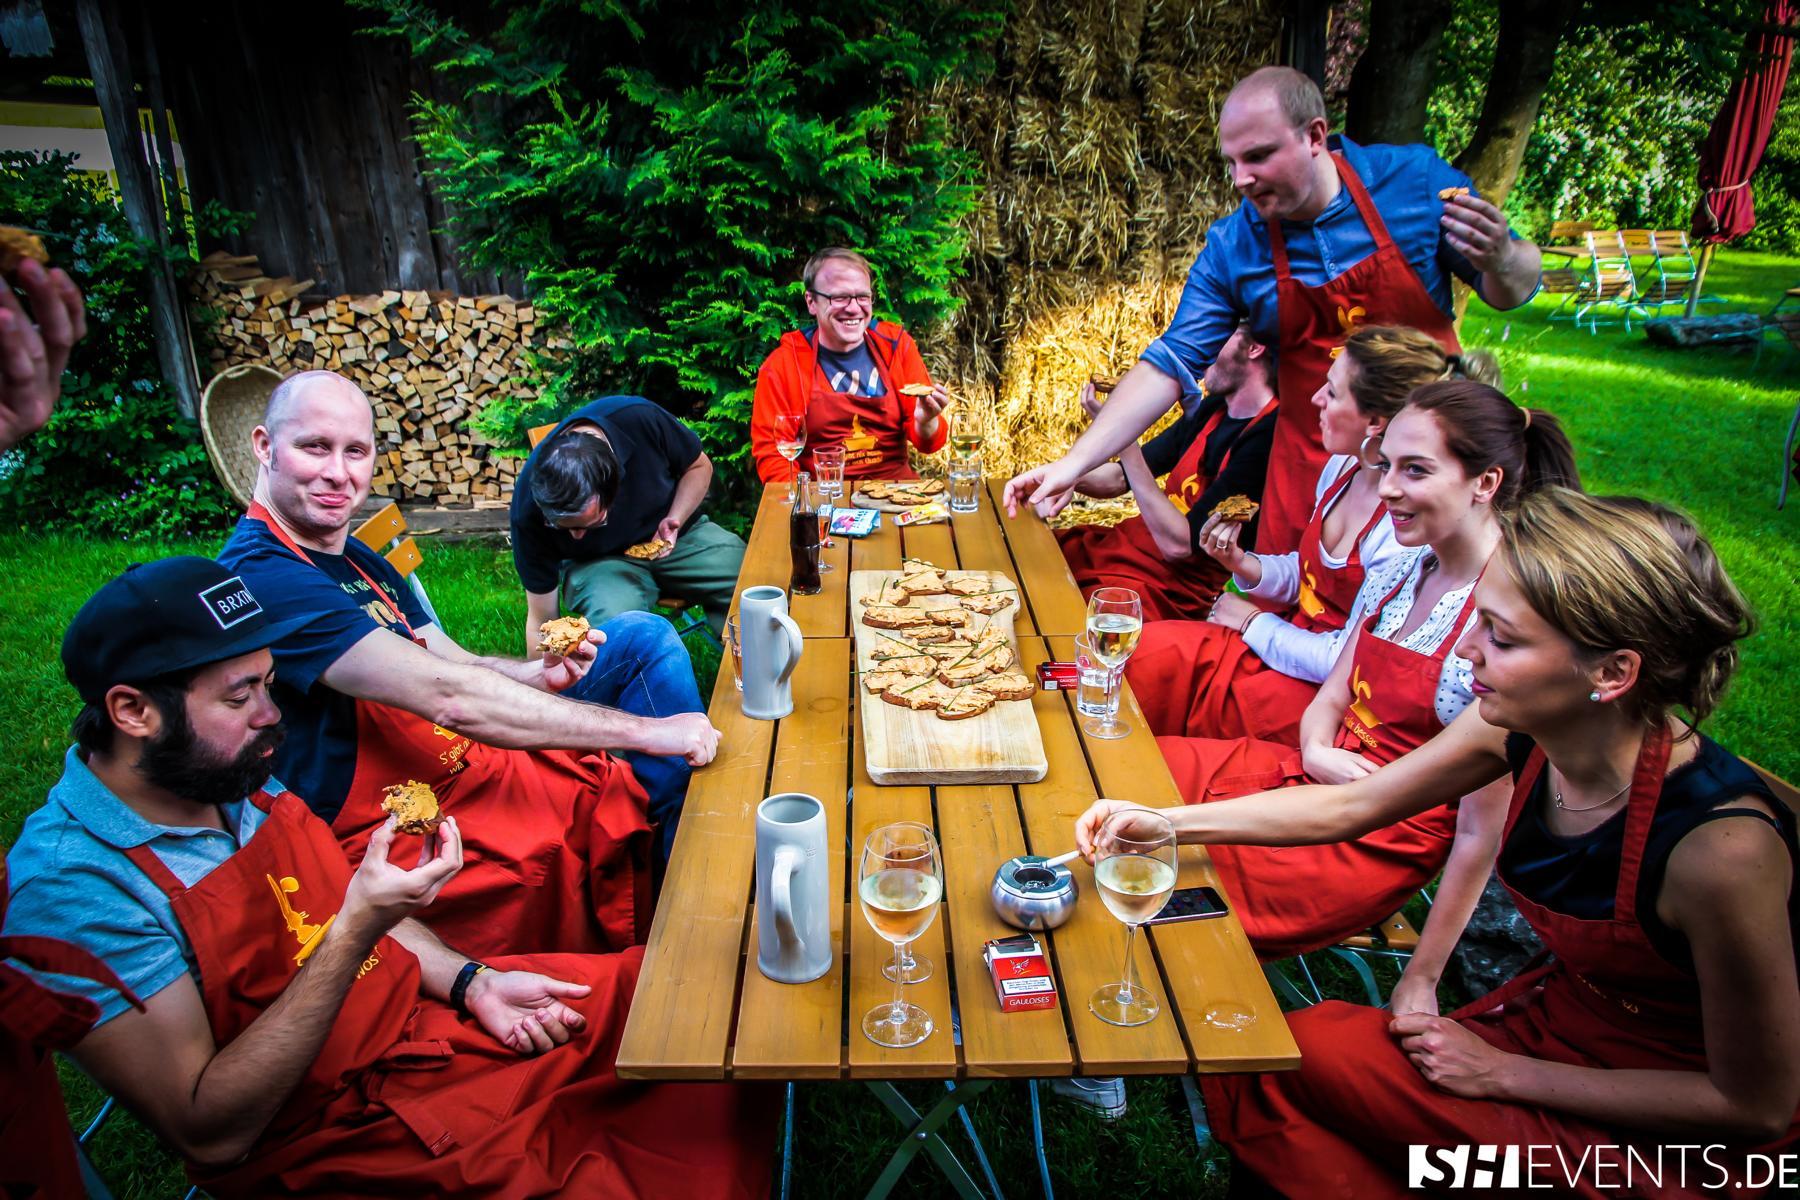 Gruppe speist Ihre Vorspeise während des Erlebniskochen